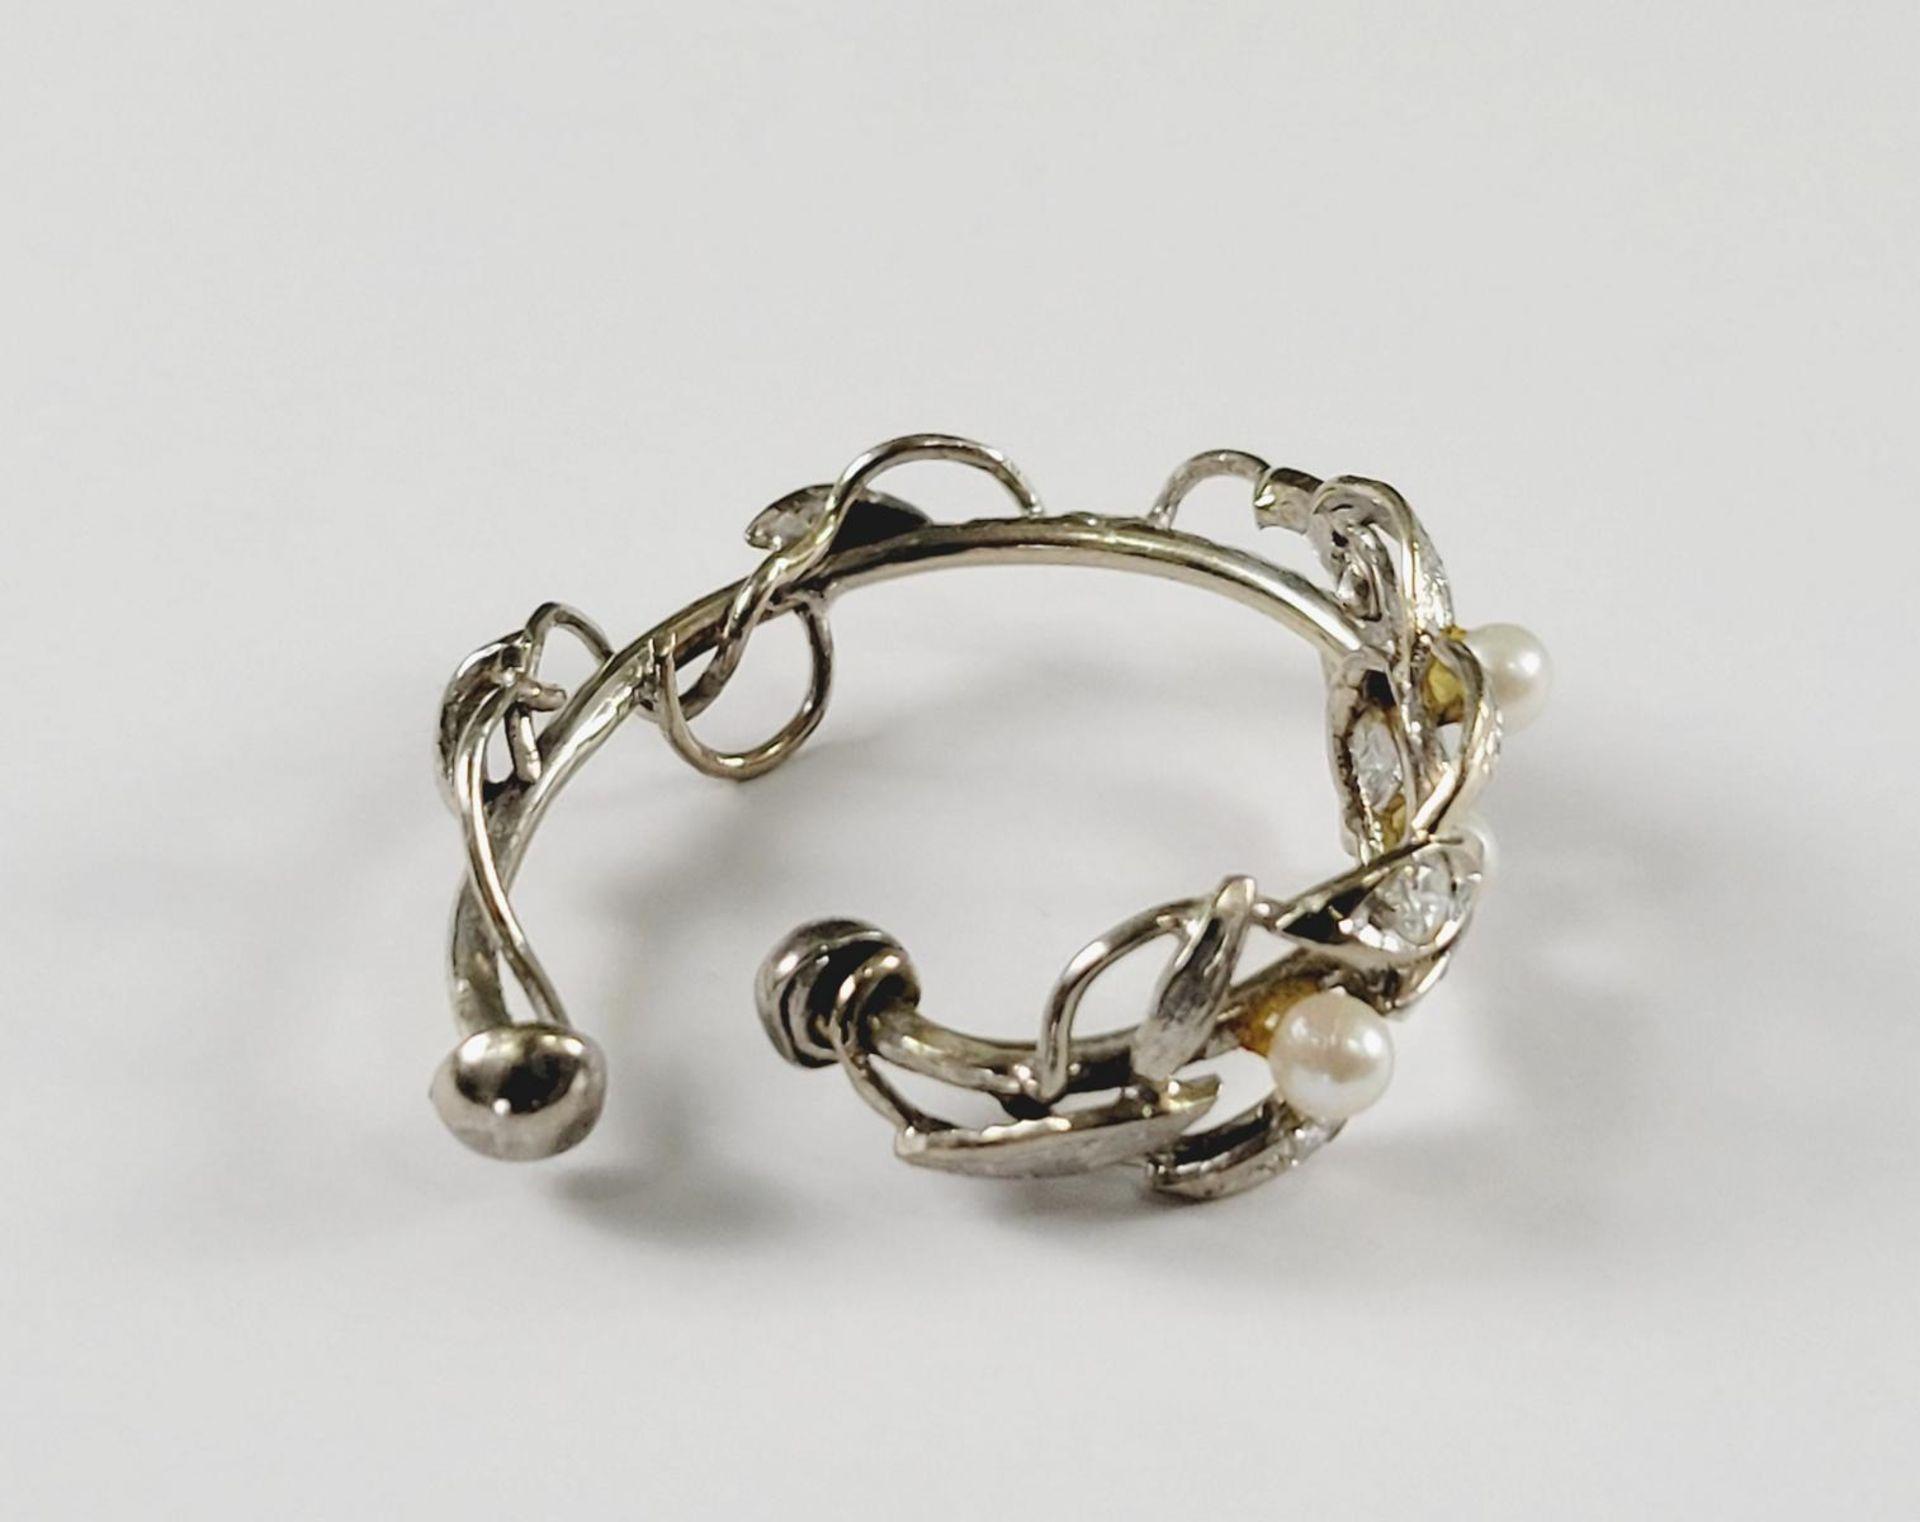 Tuchring mit Perlen und Diamanten, 18 Karat Weißgold - Bild 2 aus 2